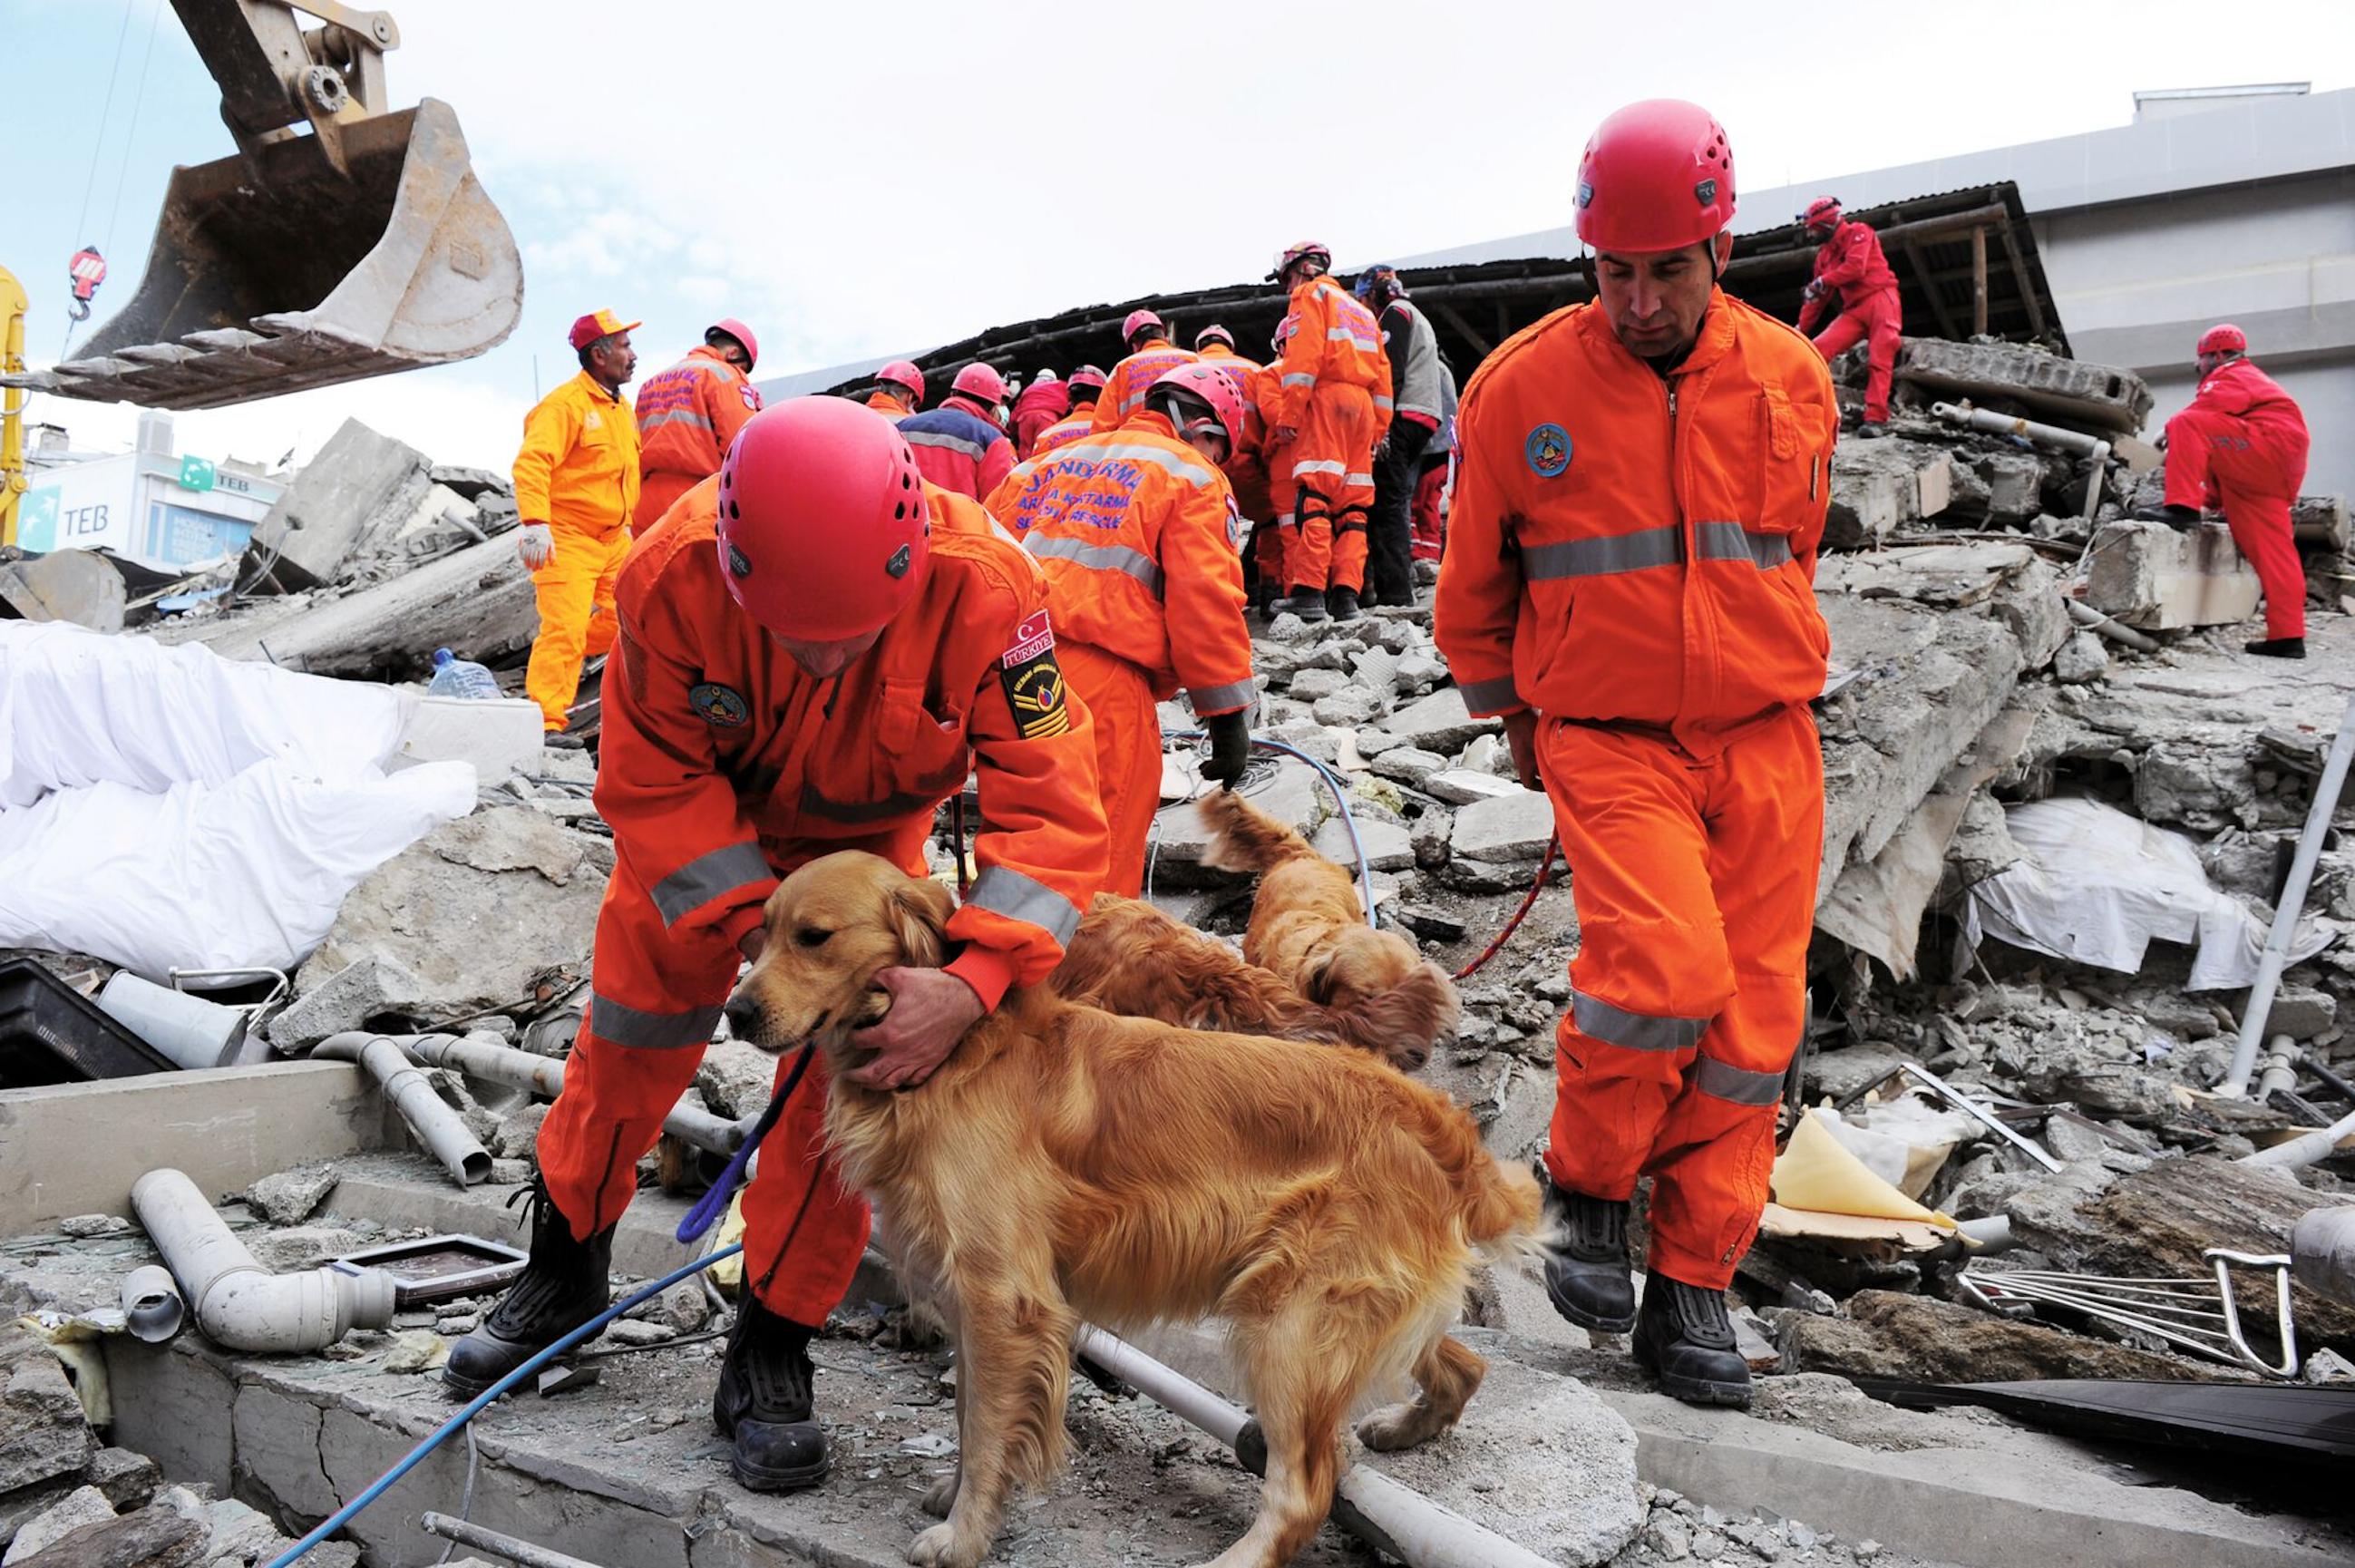 Un cane da ricerca e salvataggio in ambito urbano staziona sulle macerie, il tipico terreno instabile sul quale questo tipo di cane deve muoversi.